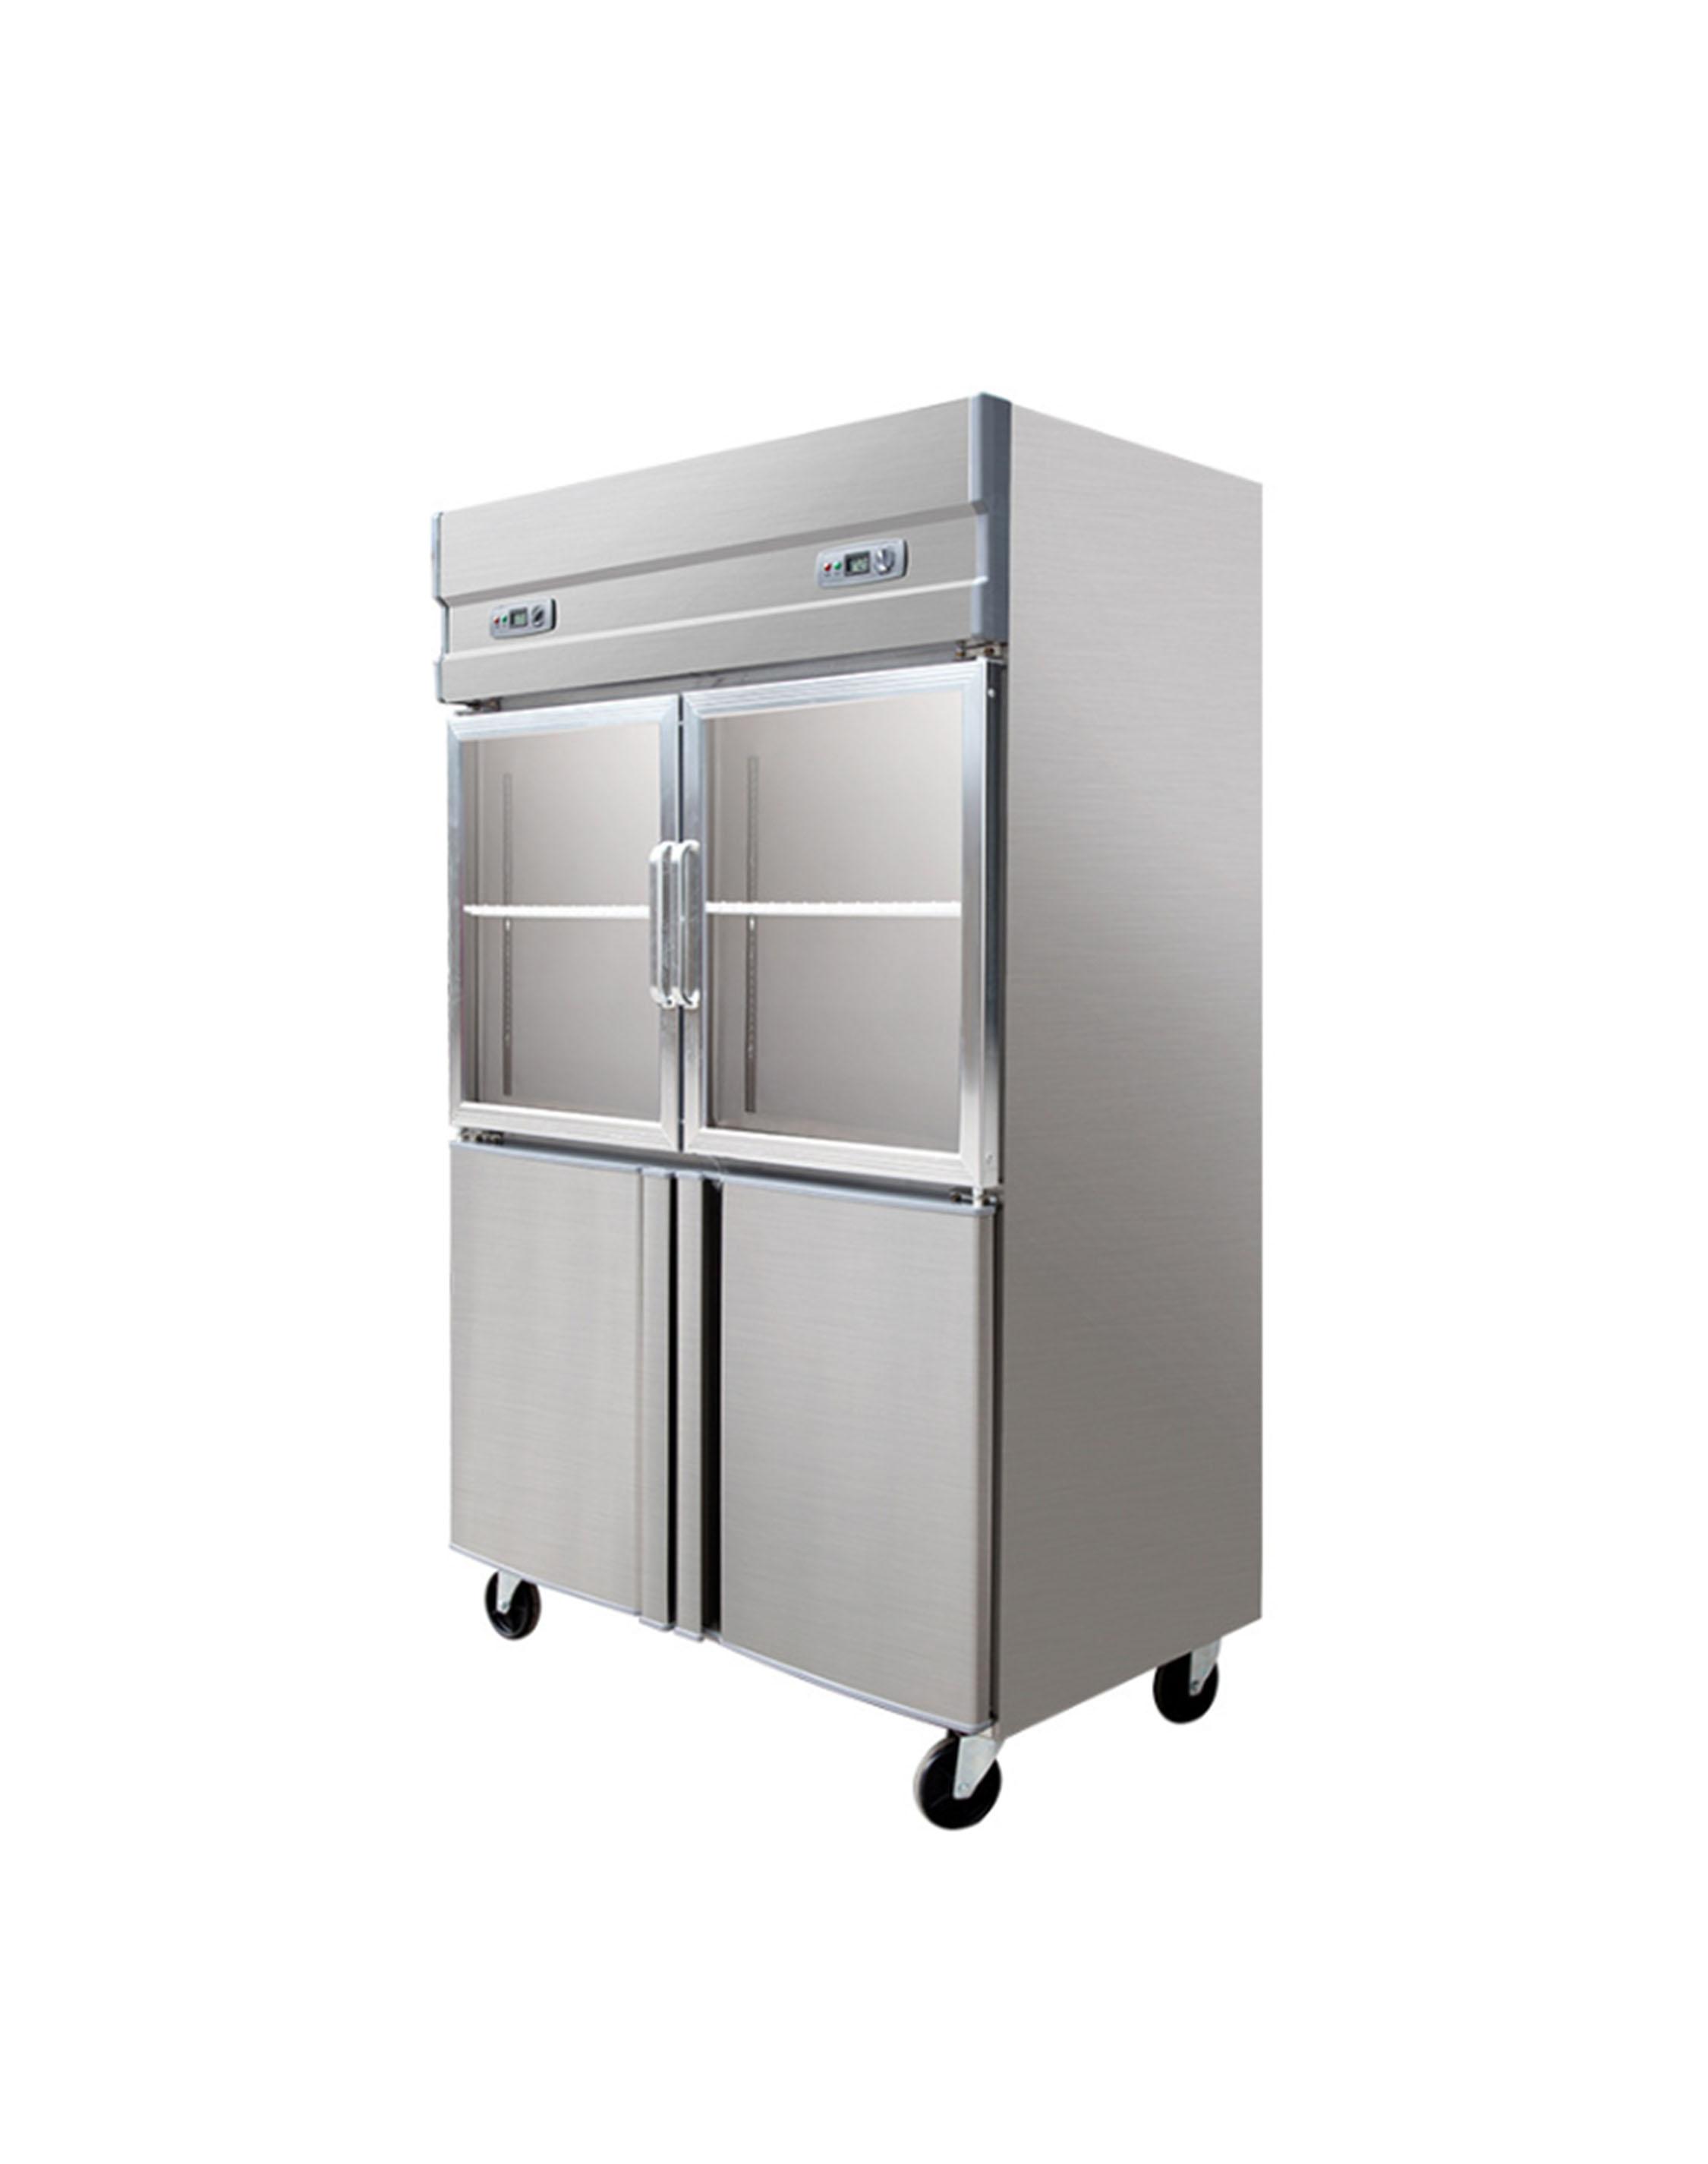 厨房设备多功能制冷柜定做